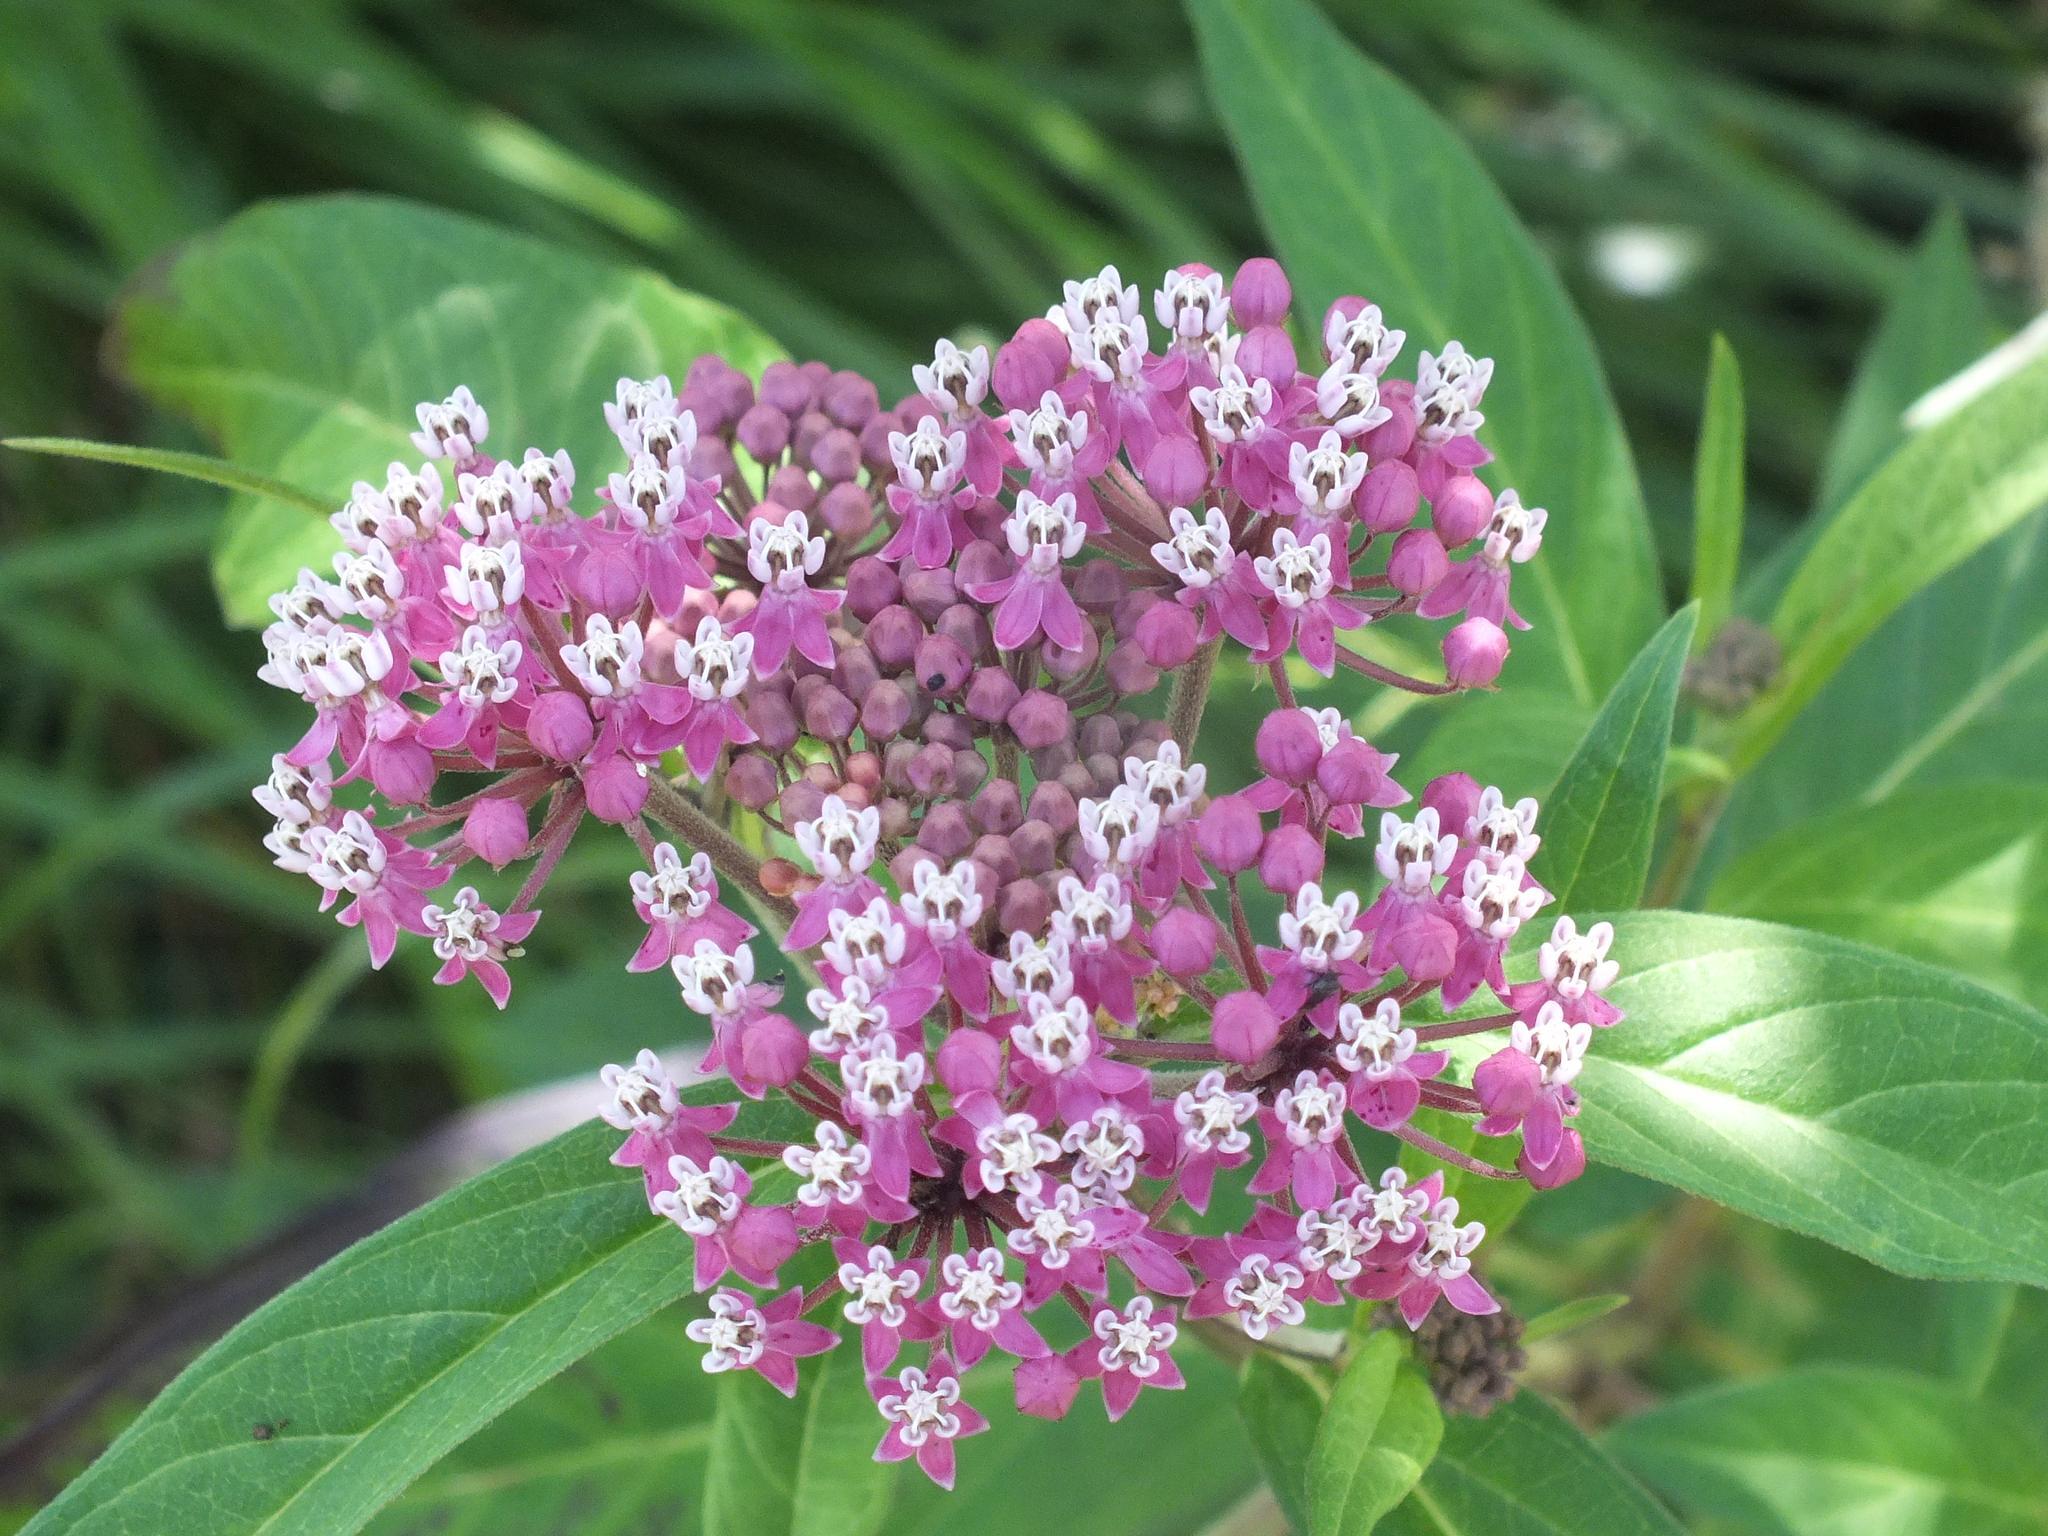 Milkweed in flower by RegSoper